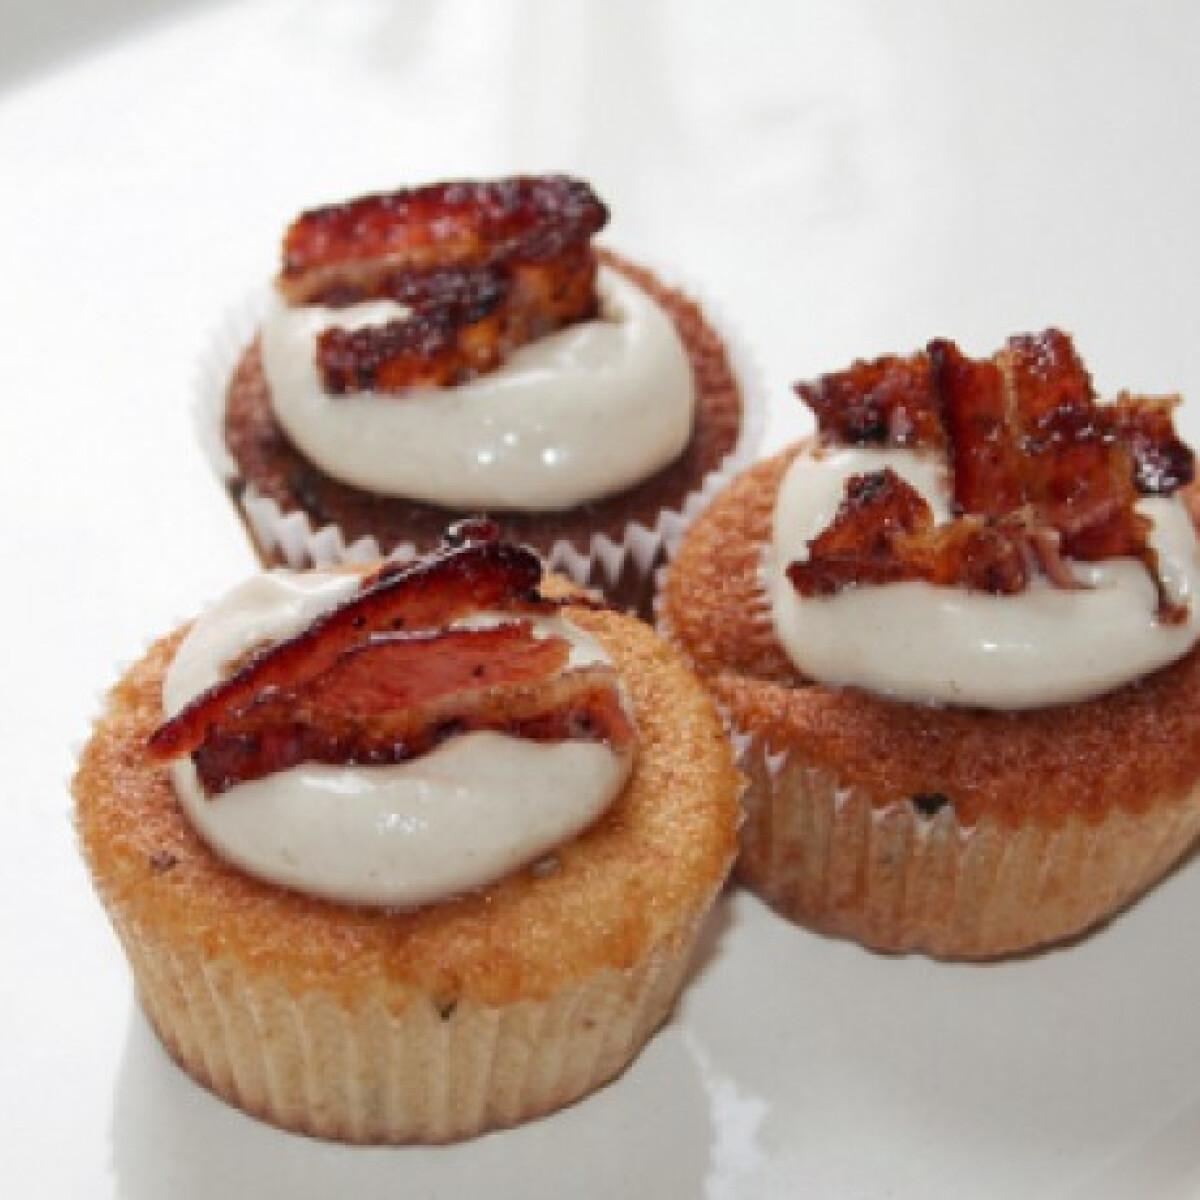 Juharszirupos-baconös cupcake